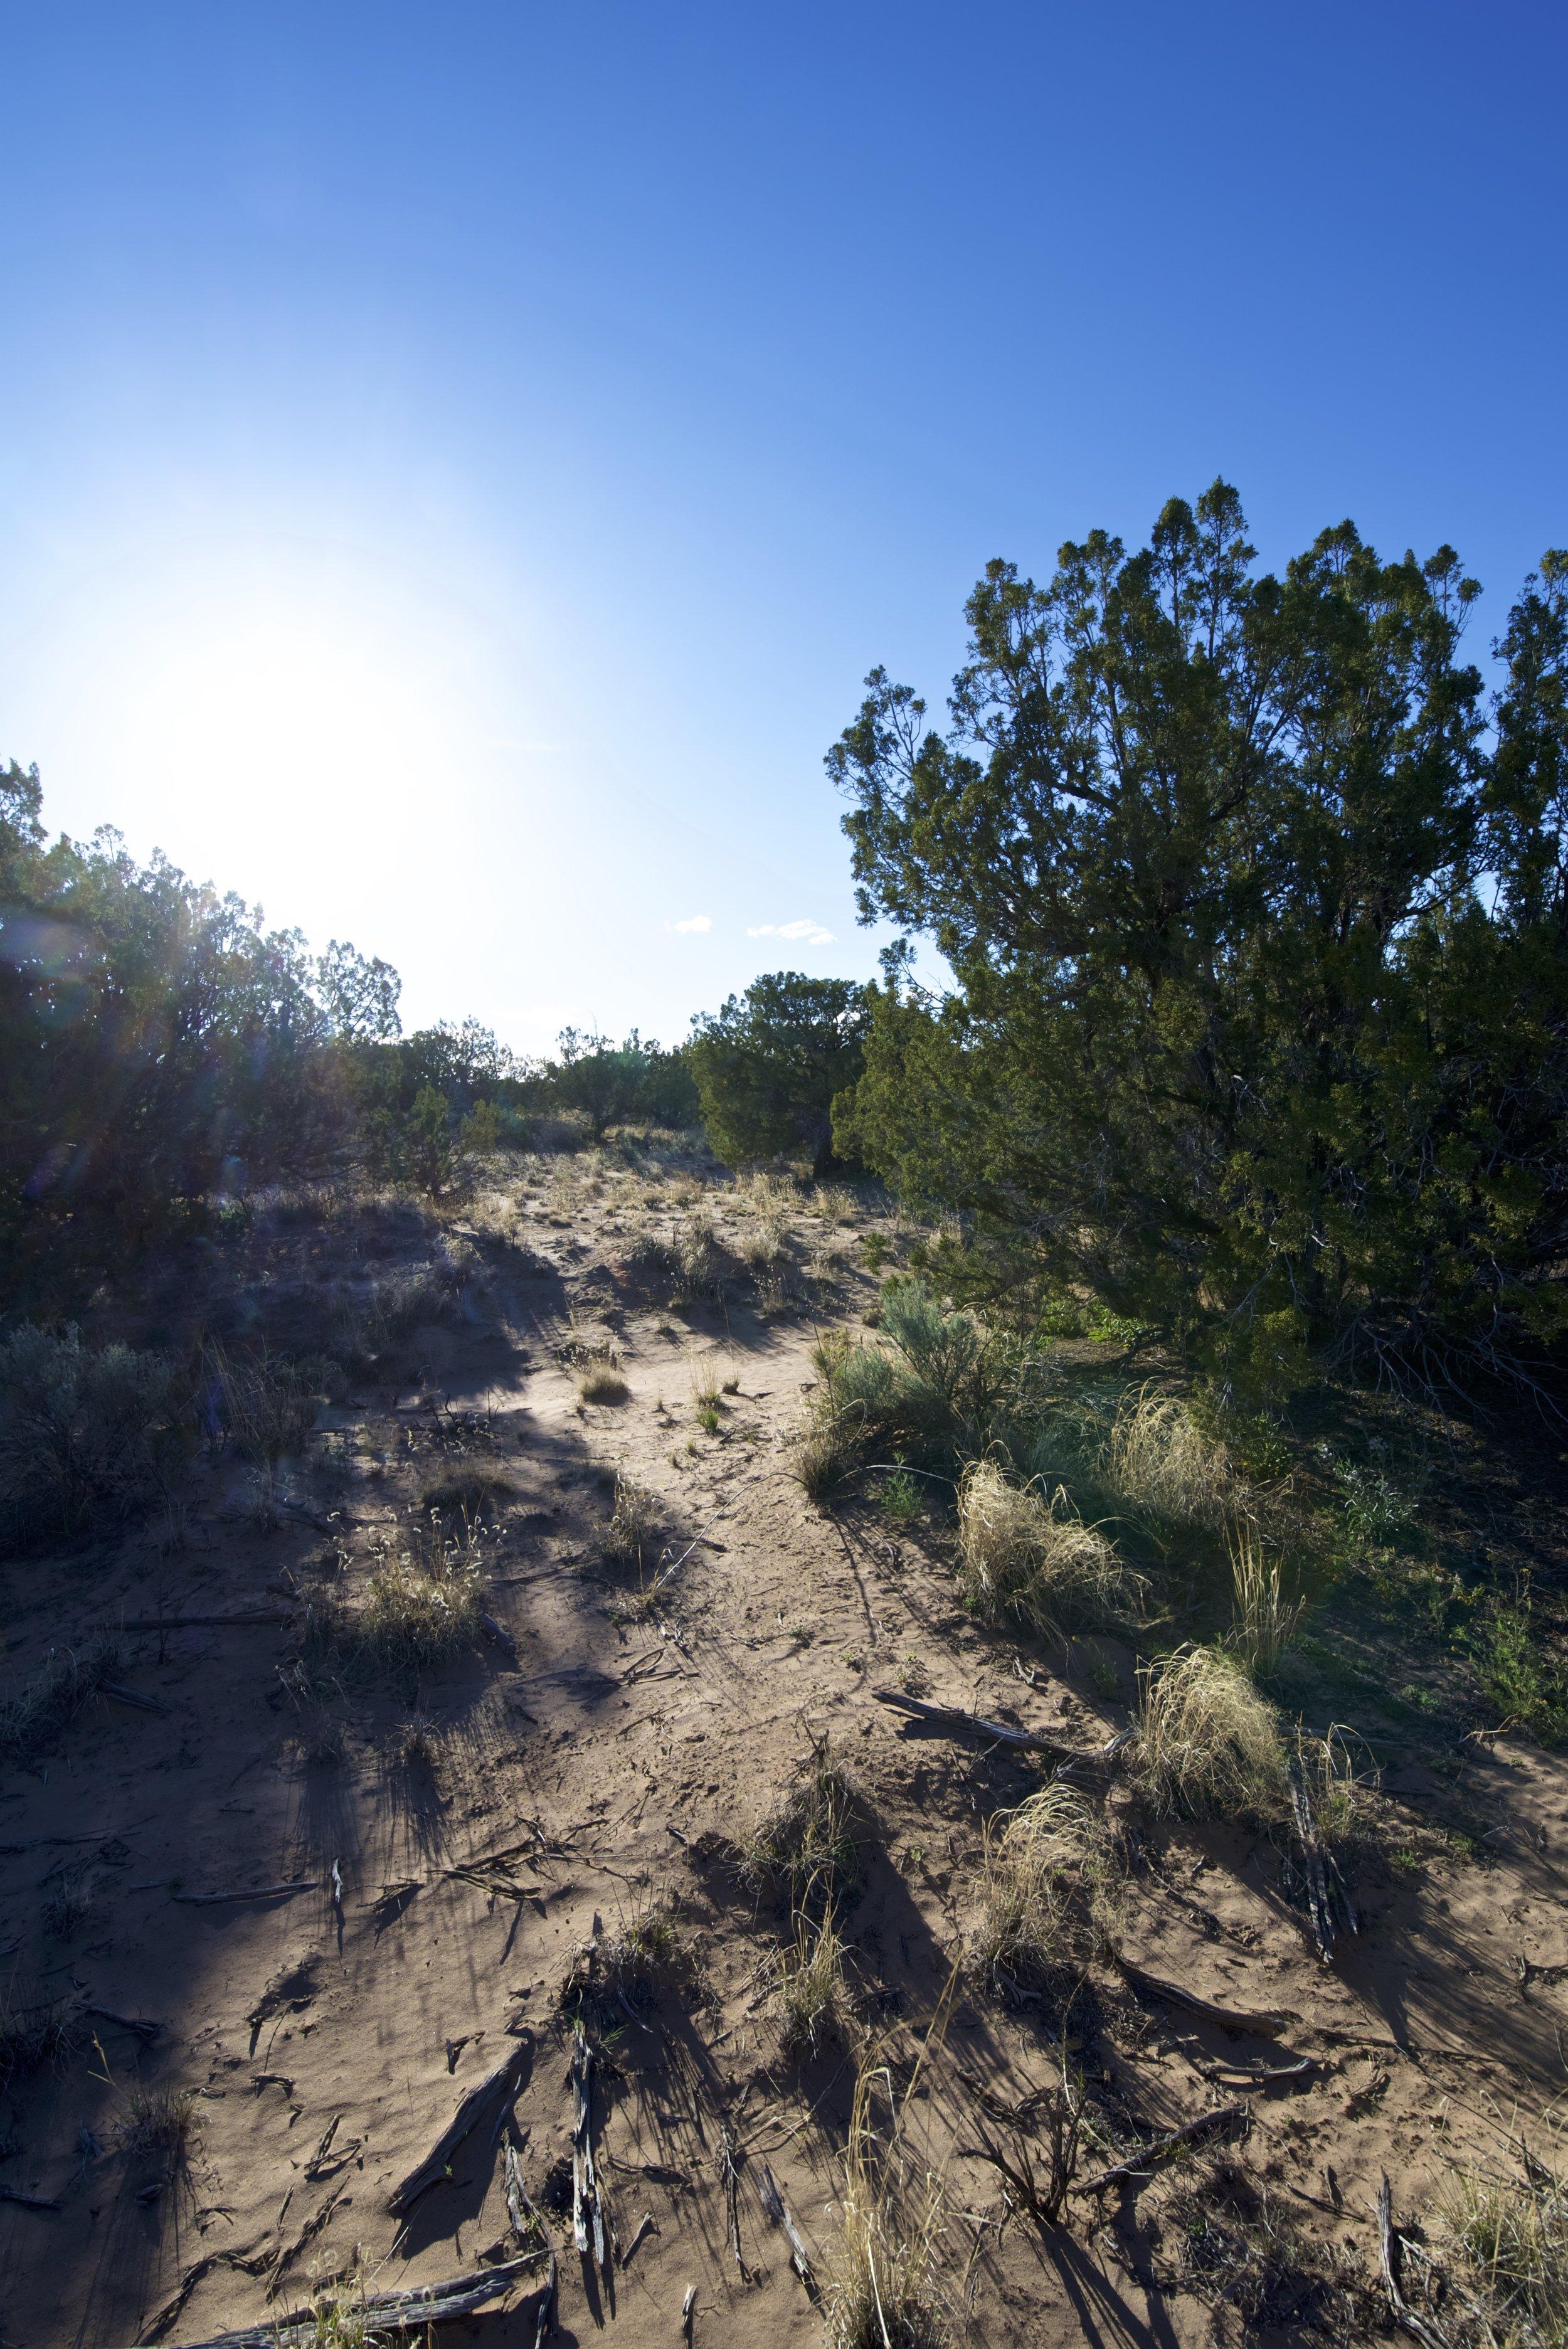 SNNM-2231-rio-rancho-125683.jpg